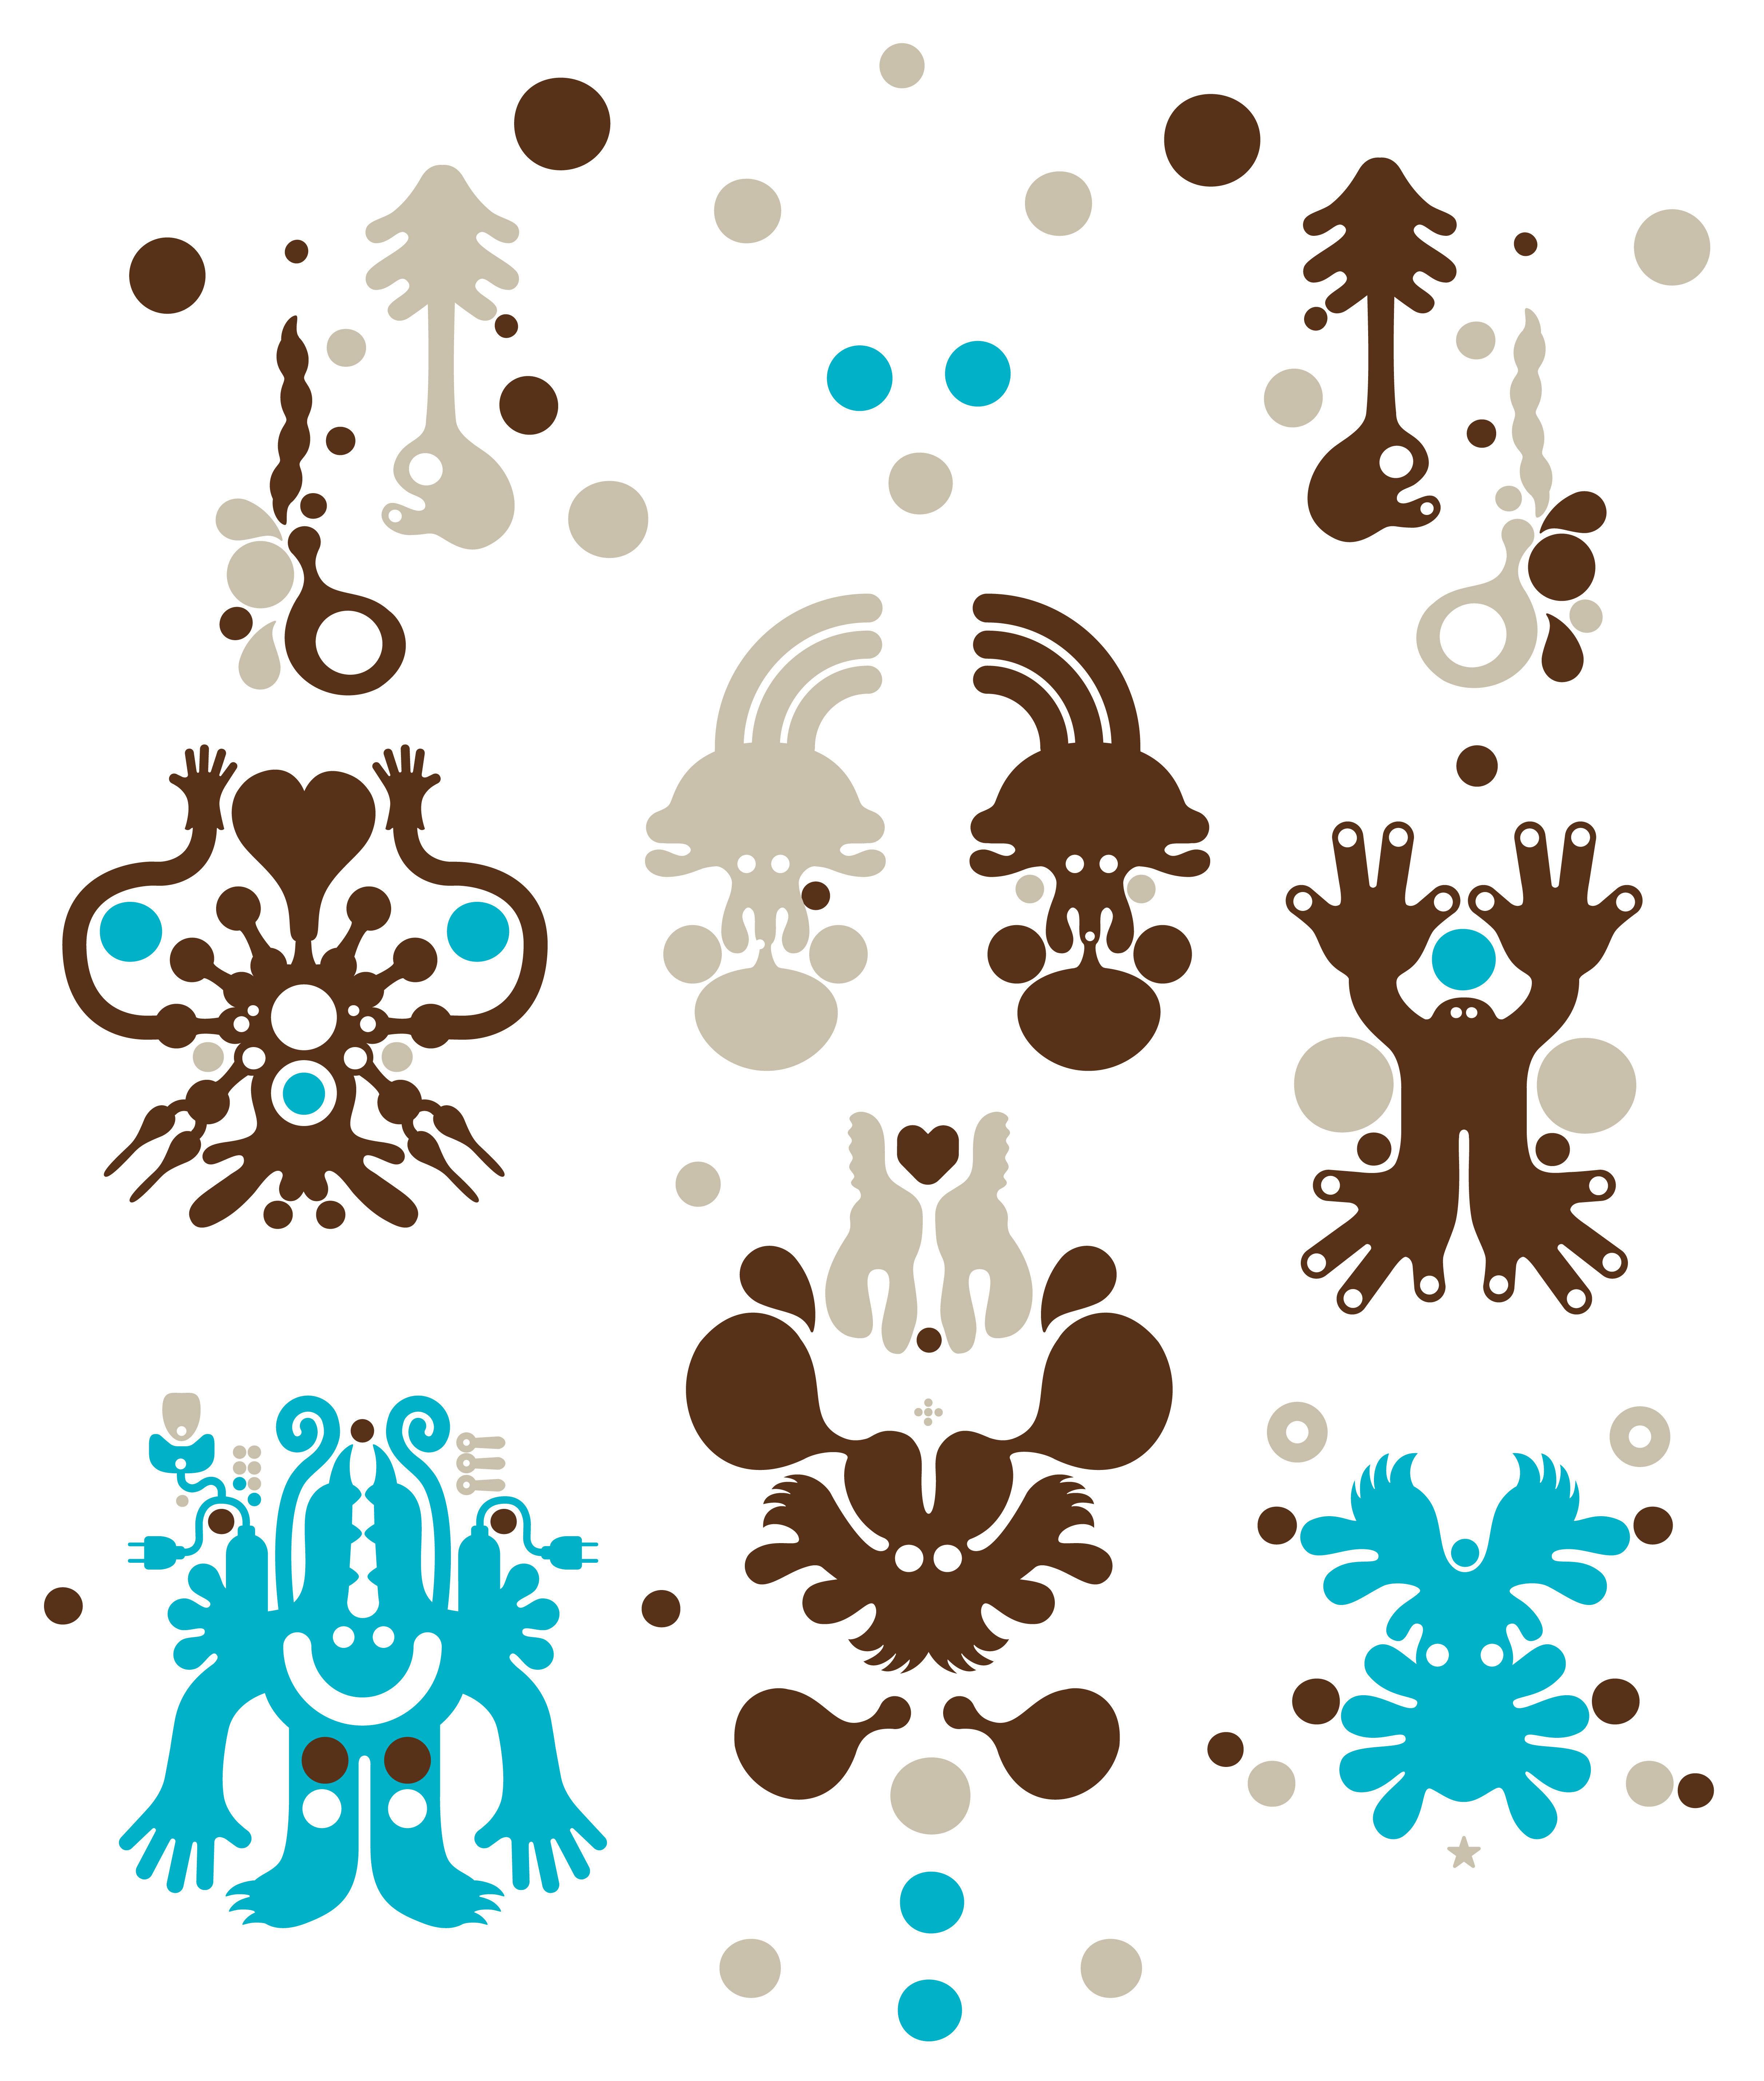 Dekoration - Stickers und Tapeten - Monster Forest Brown Sticker - Domestic - Braun - Vinyl